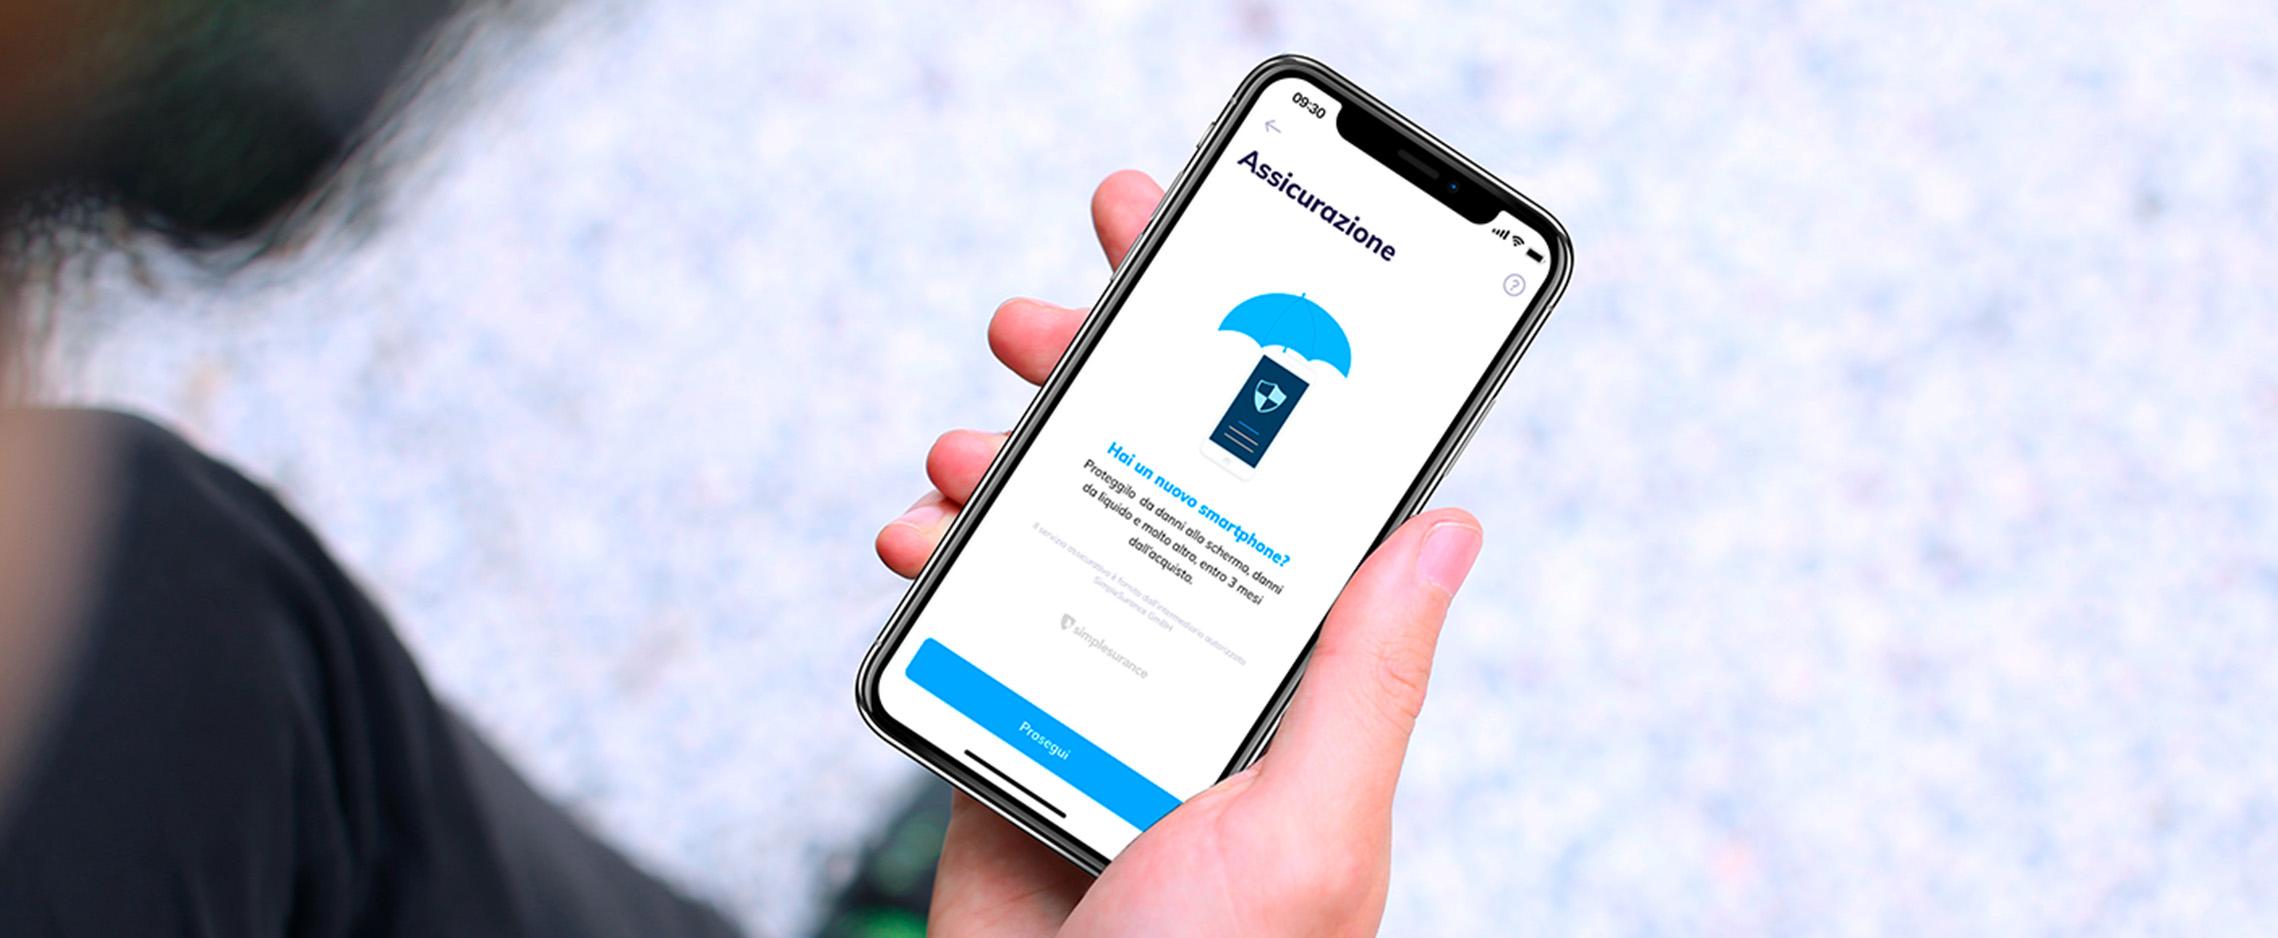 Hype: disponibile la nuova assicurazione per smartphone thumbnail